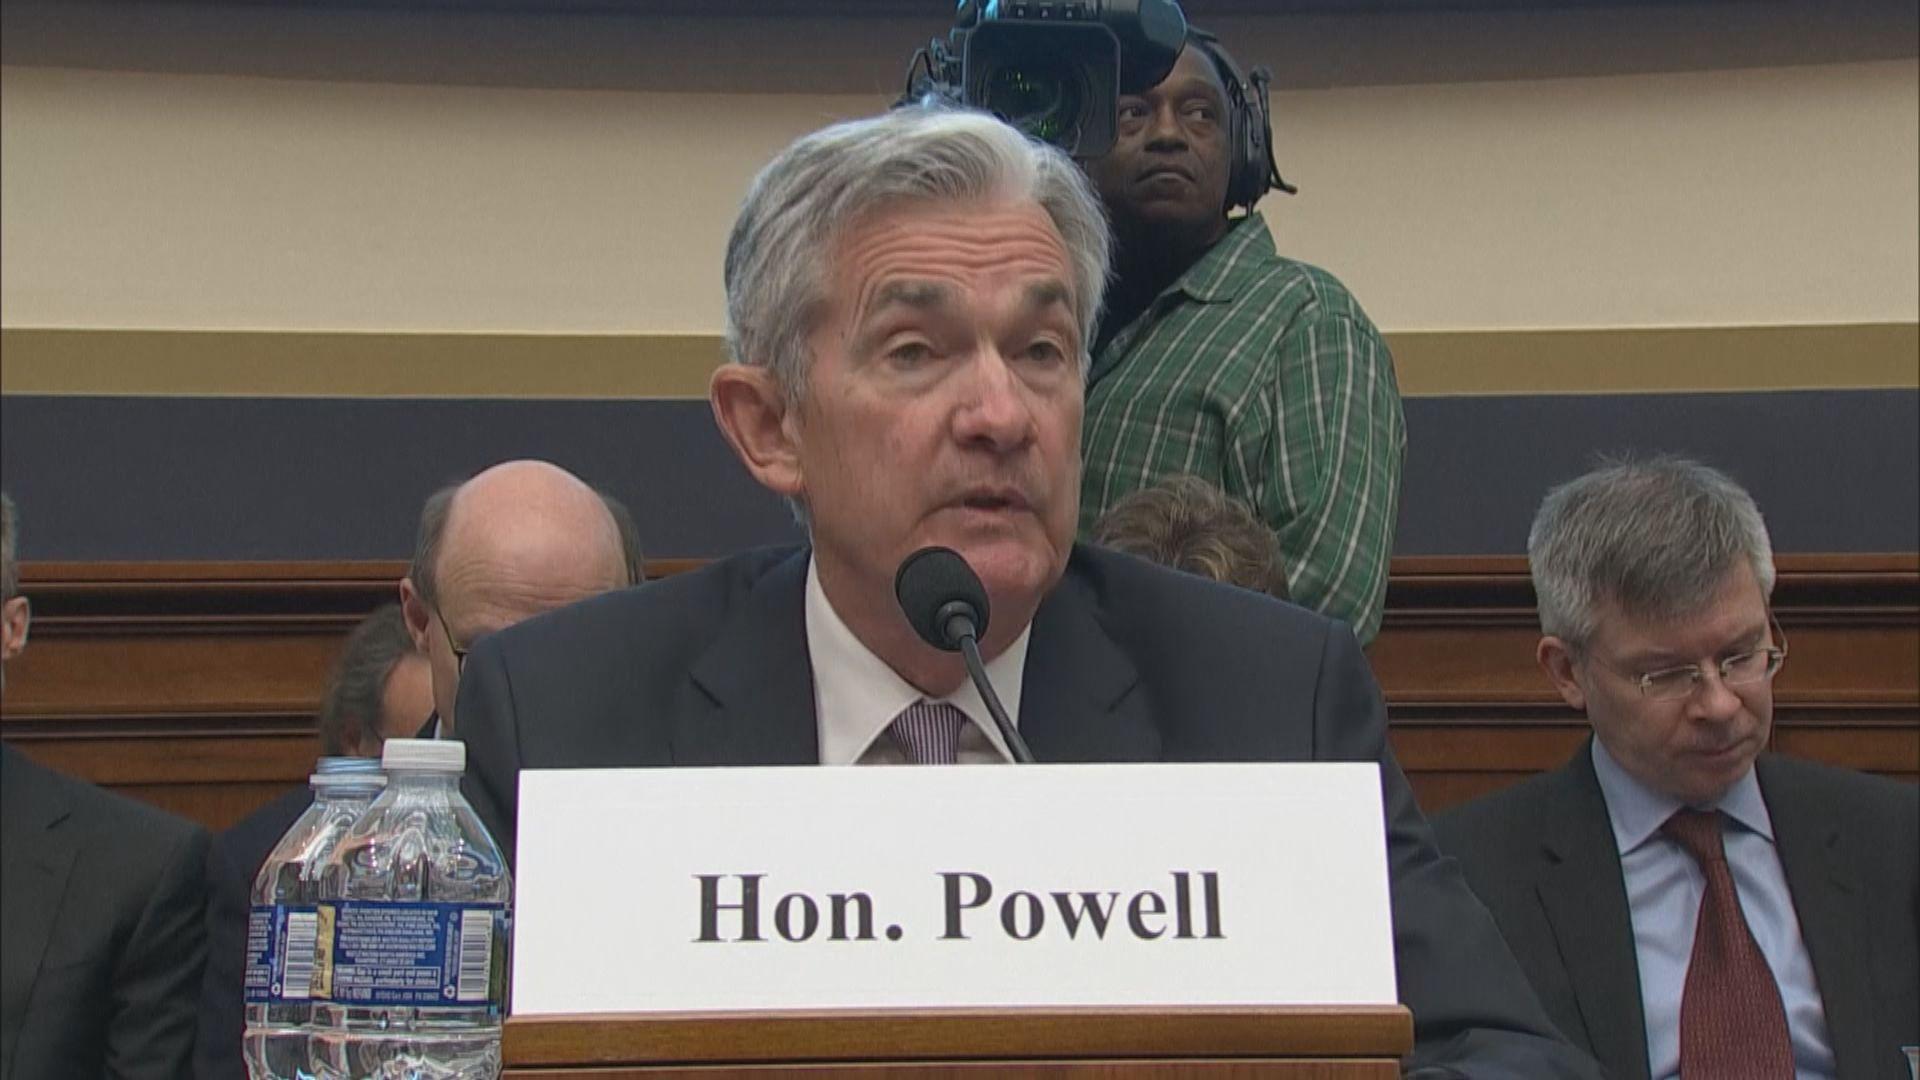 鮑威爾:美經濟前景樂觀